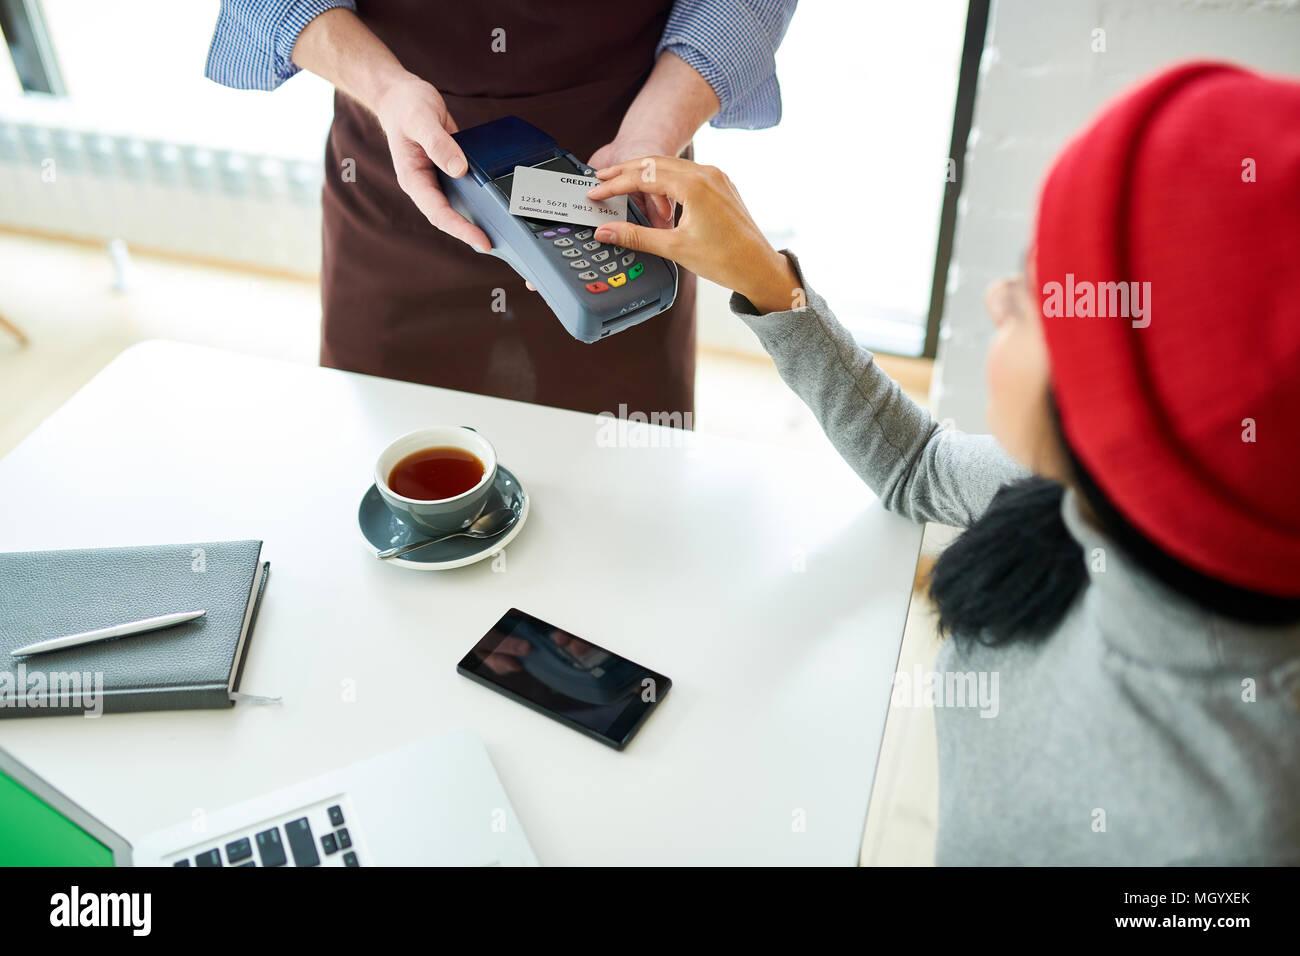 Junge Frau Zahlung über NFC im Cafe Stockbild